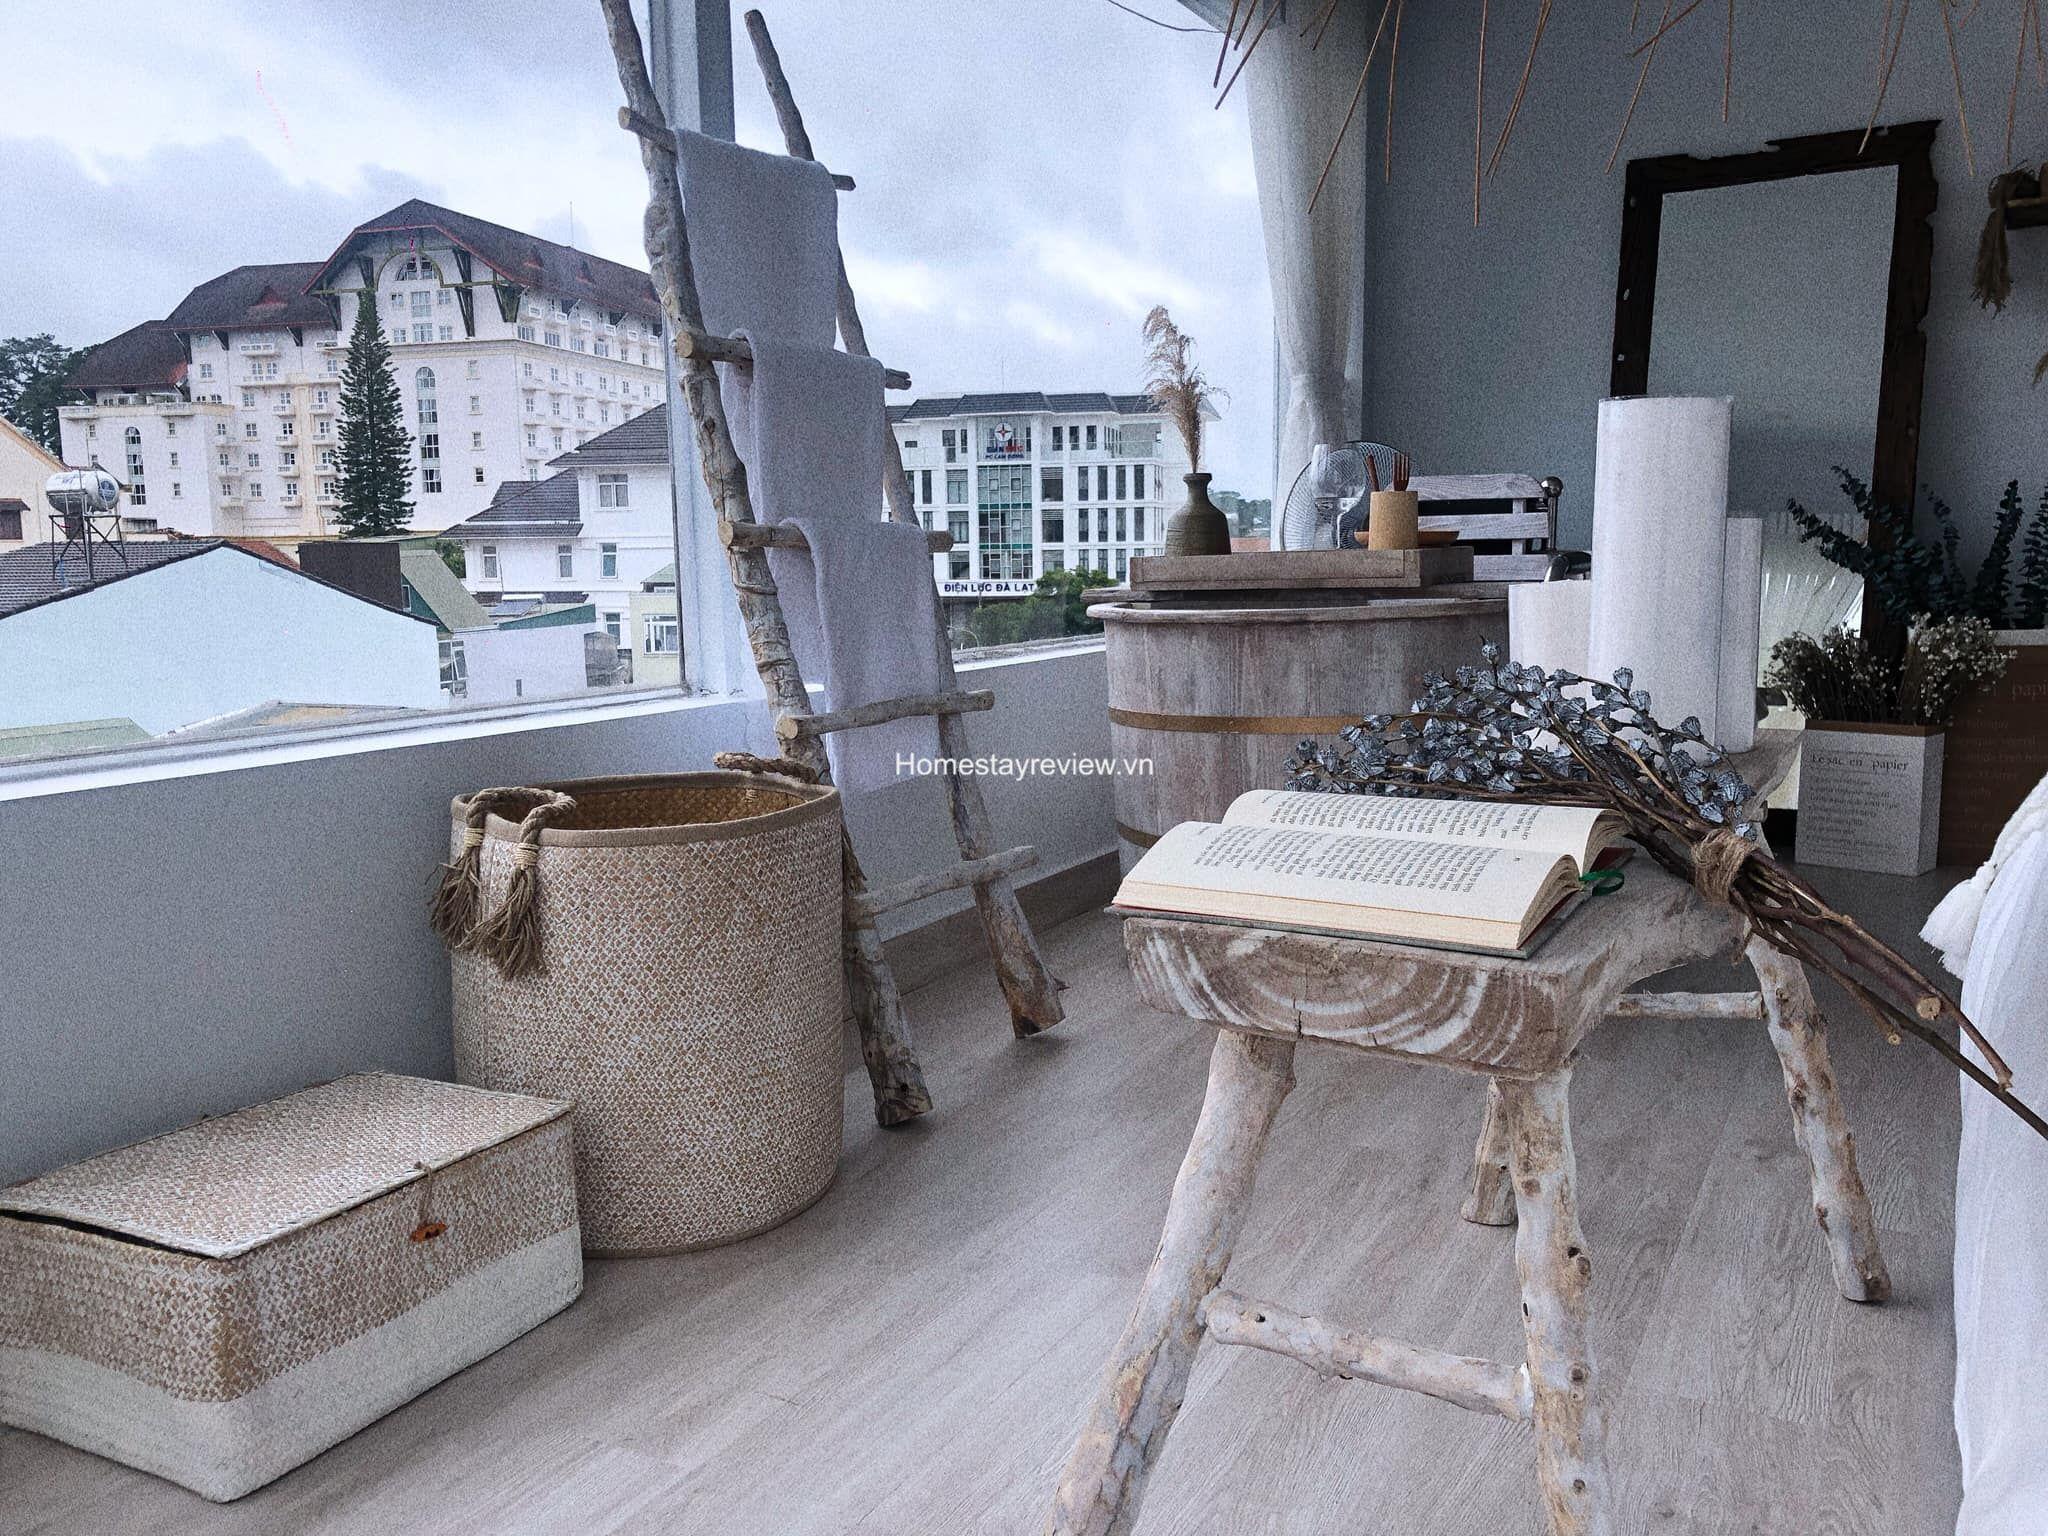 Top 20 Biệt thự villa Đà Lạt giá rẻ đẹp ở trung tâm chợ đêm cho thuê